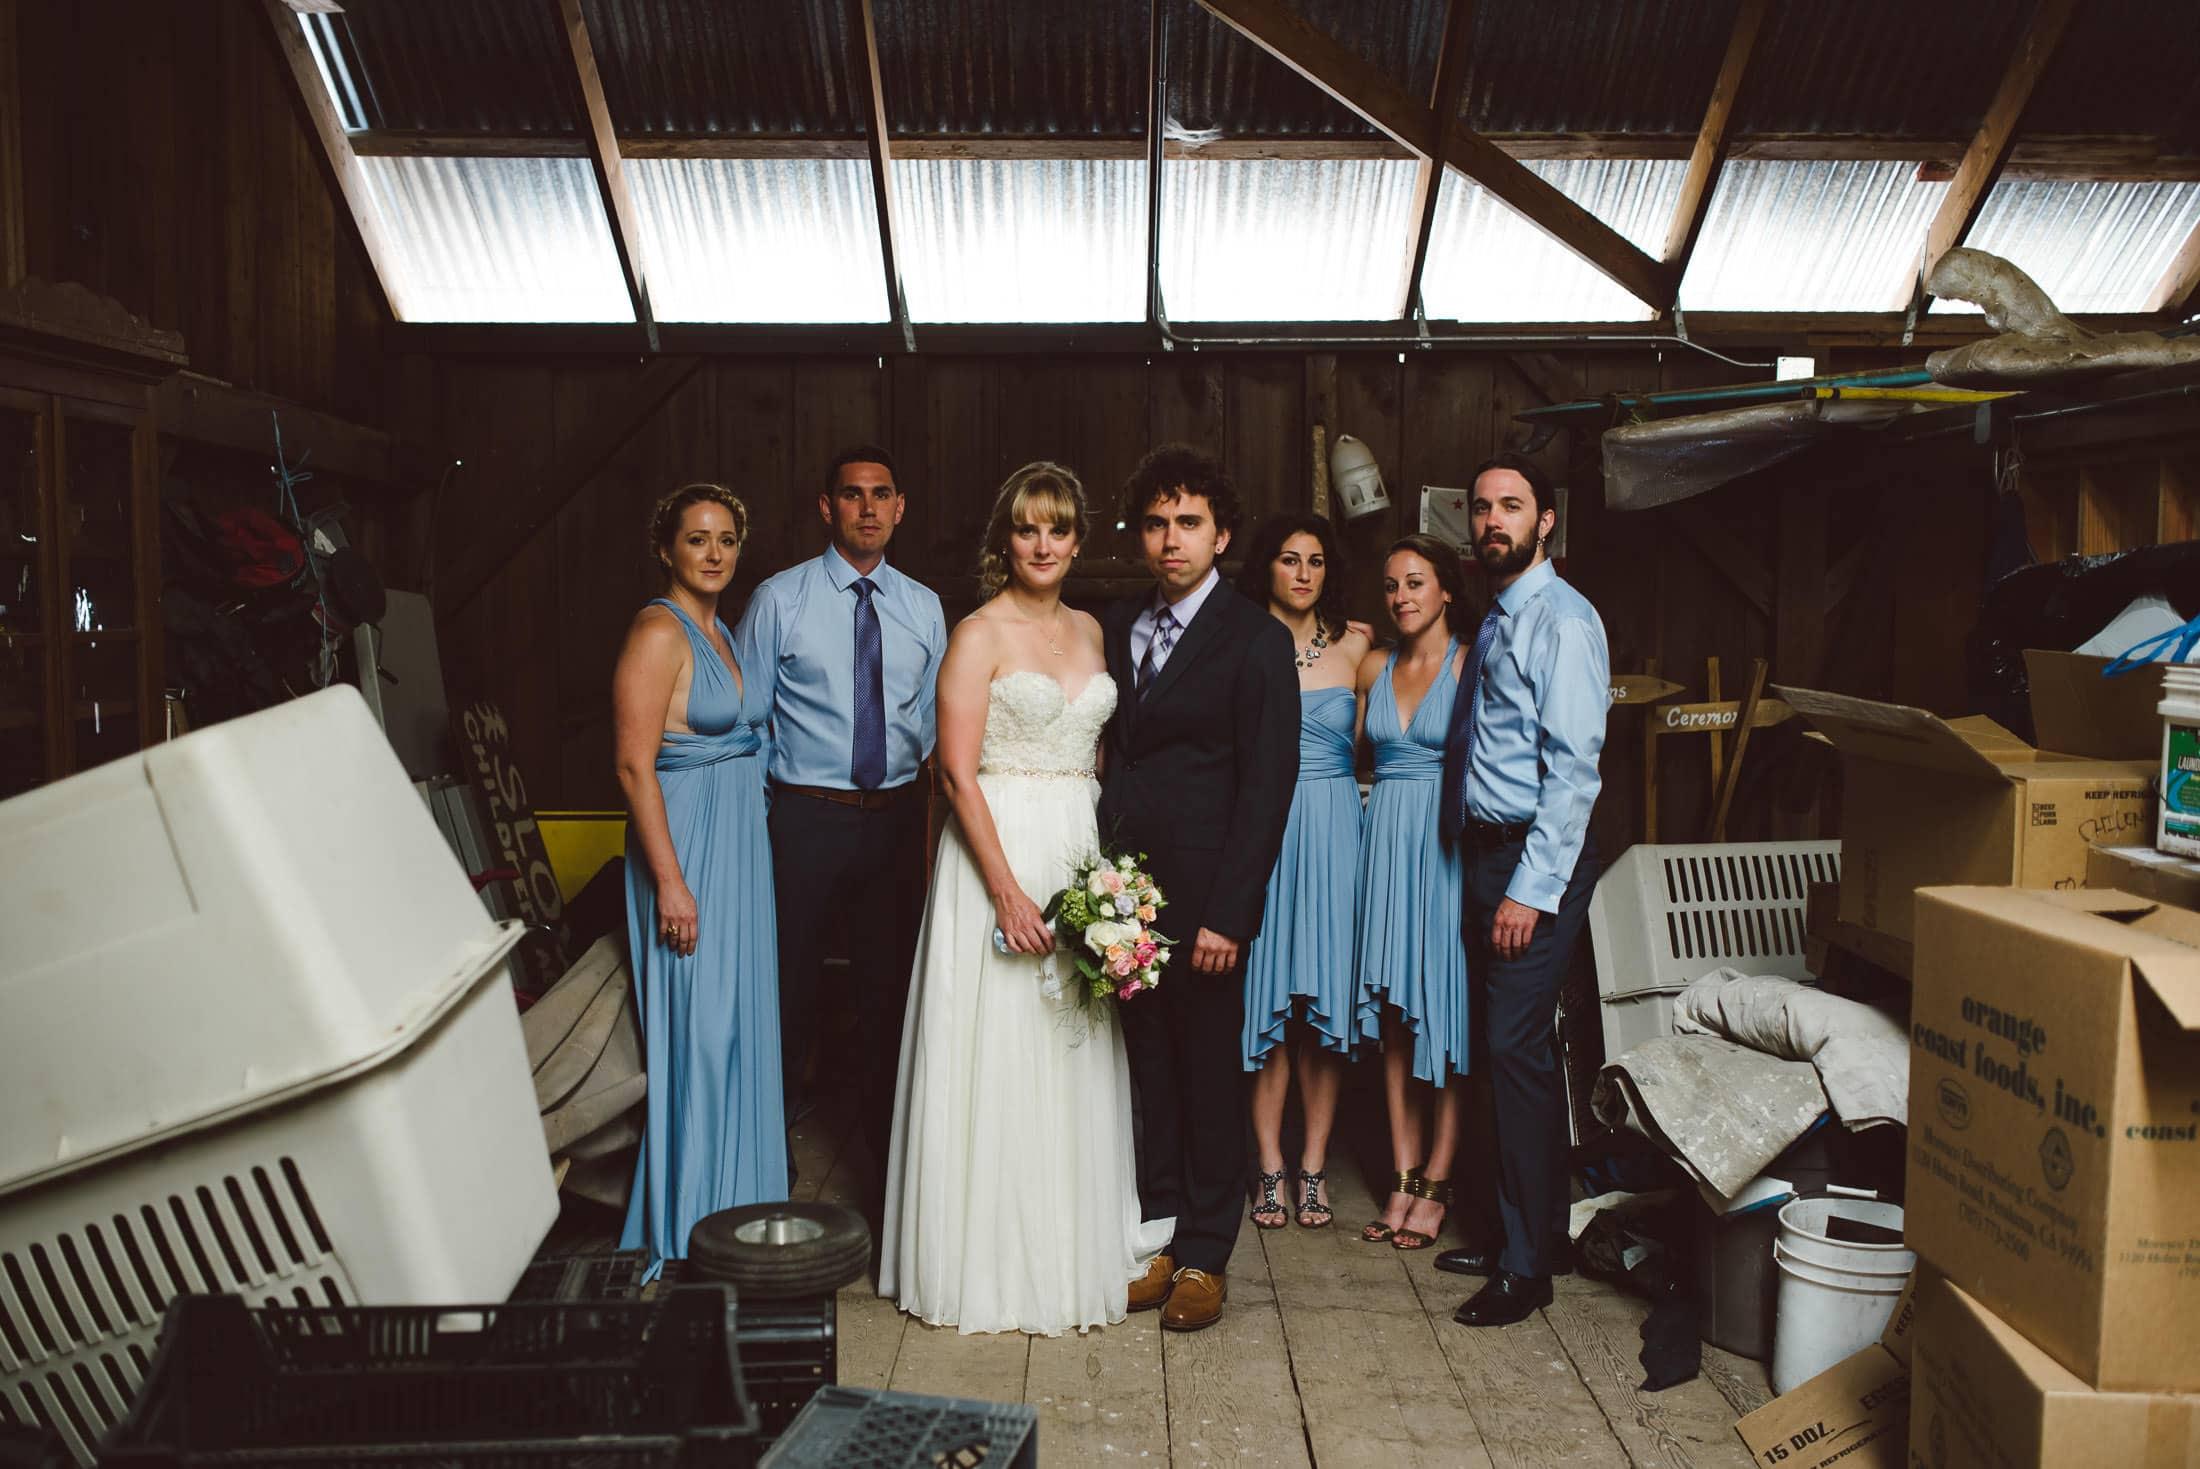 unique wedding party portrait at chileno valley ranch